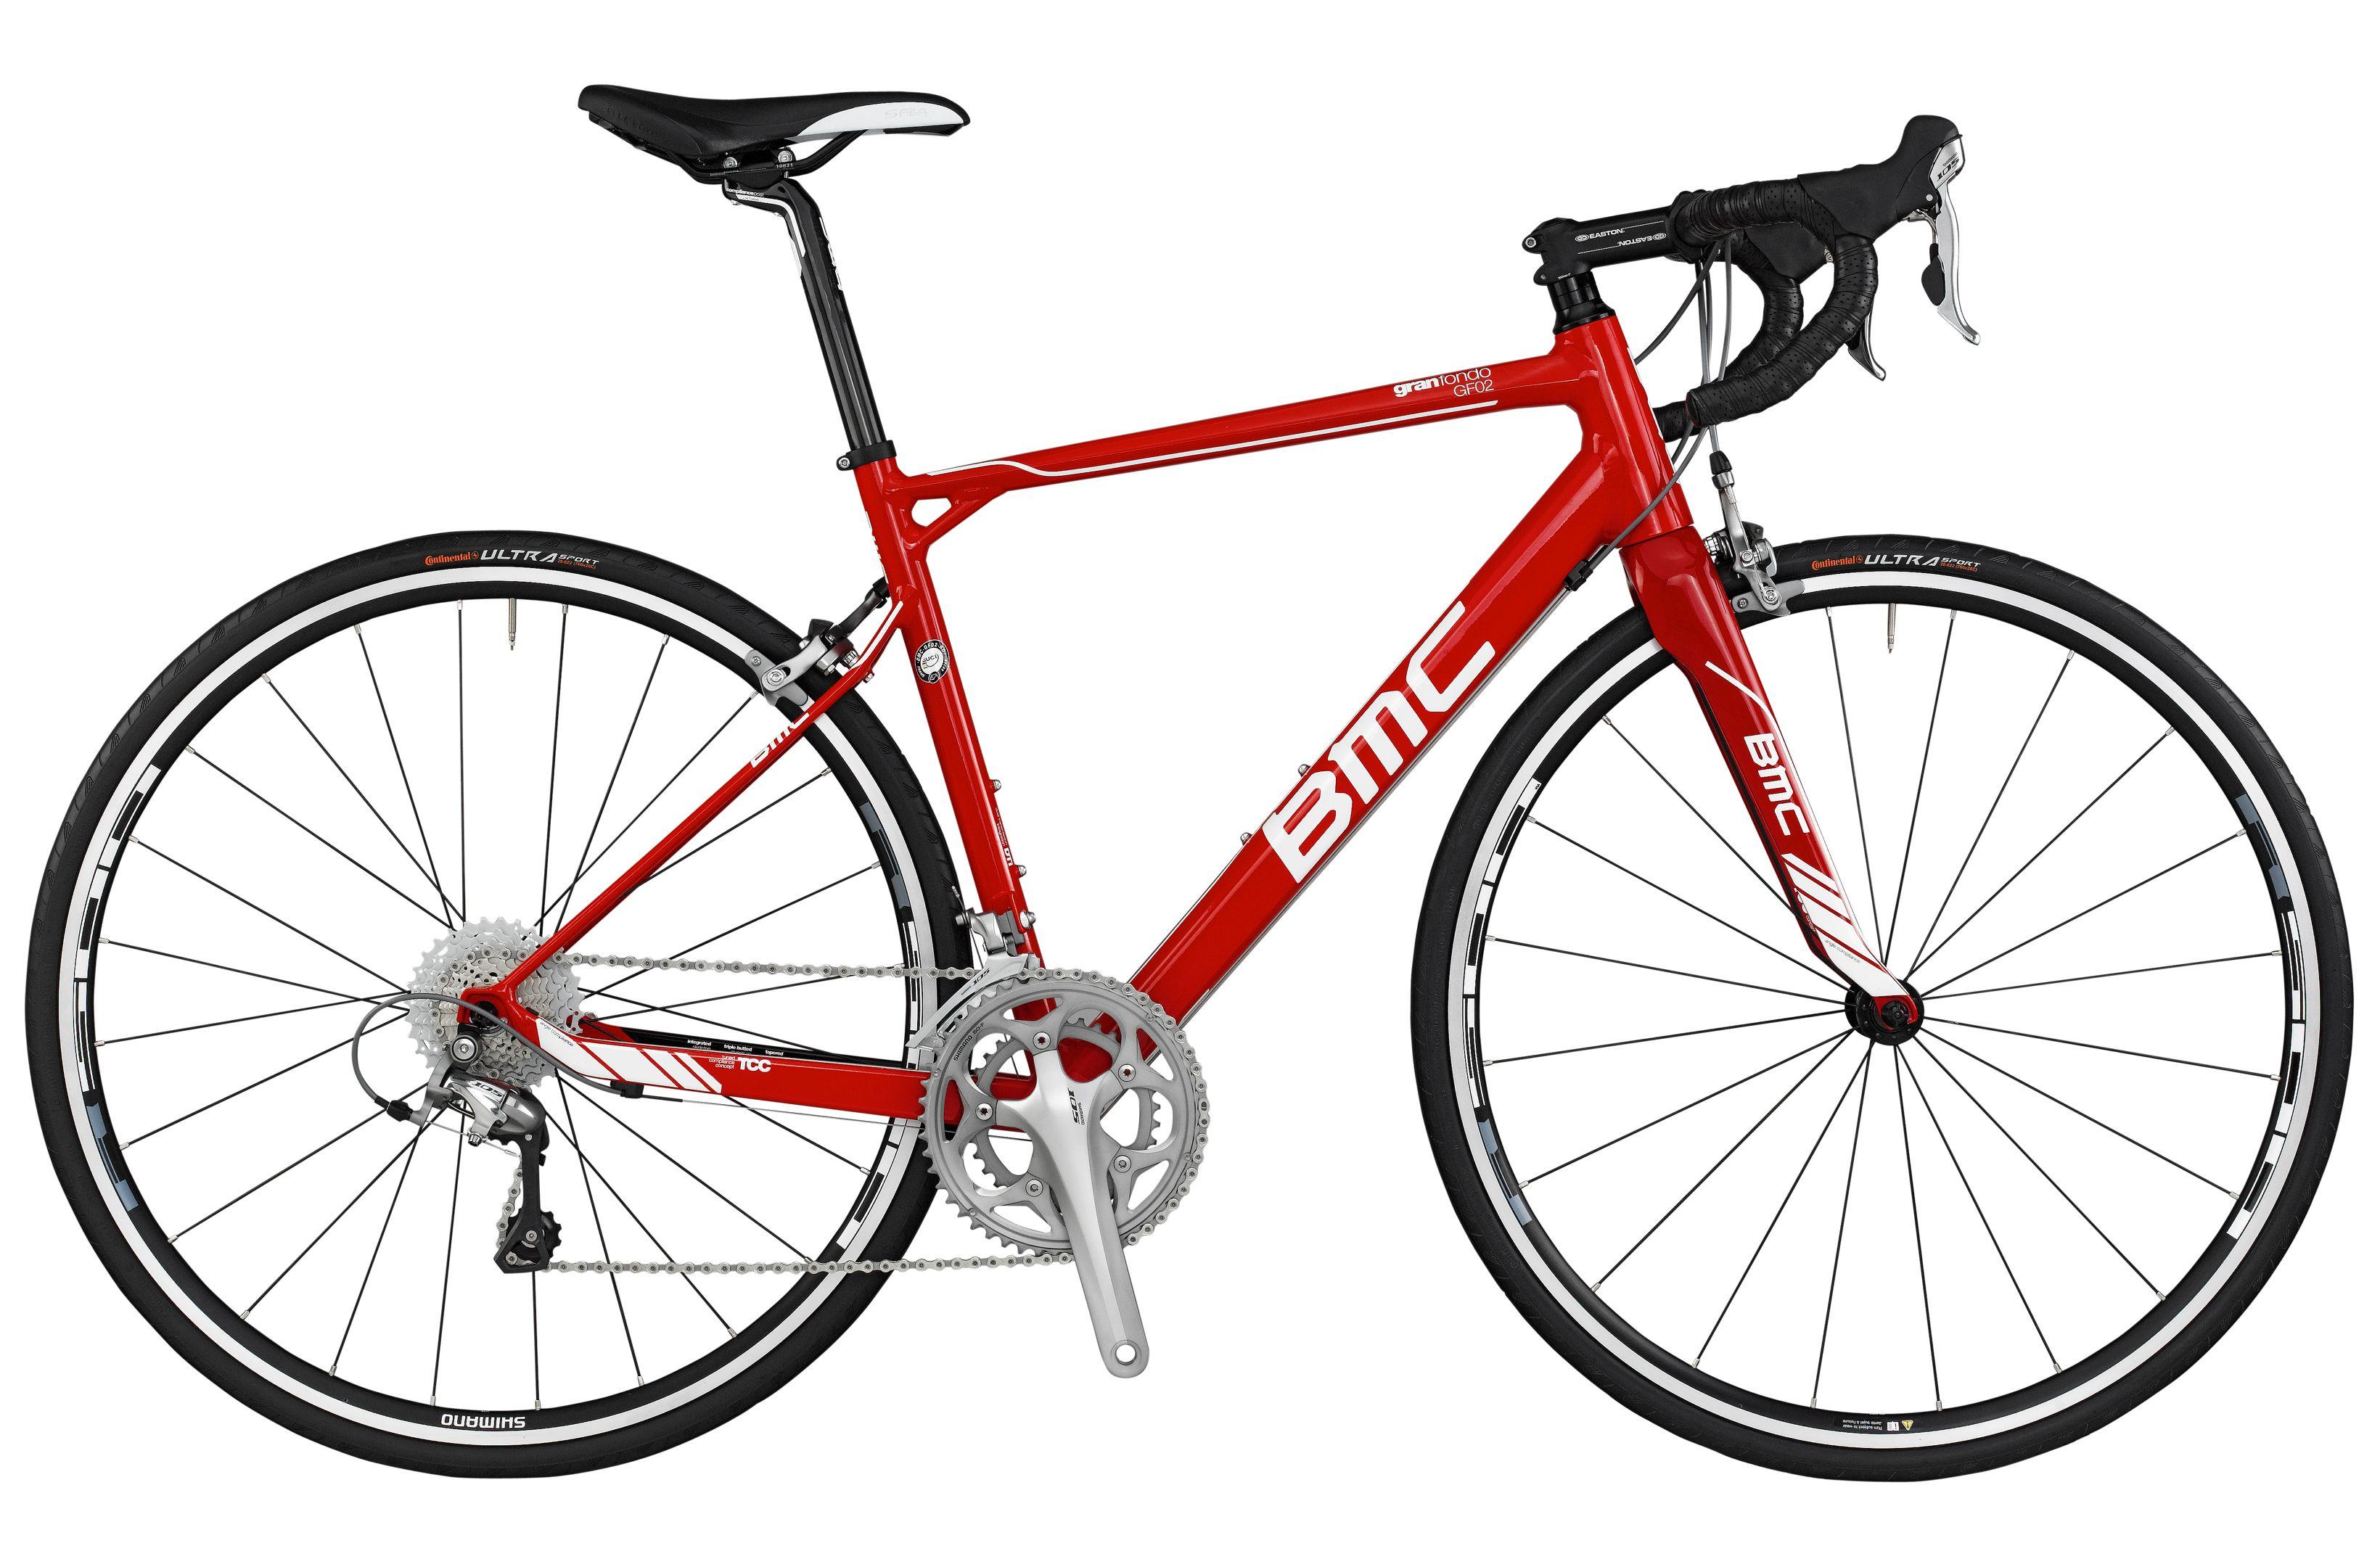 Bmc Granfondo Gf02 105 Compact 2013 Road Bike Bike Road Bike